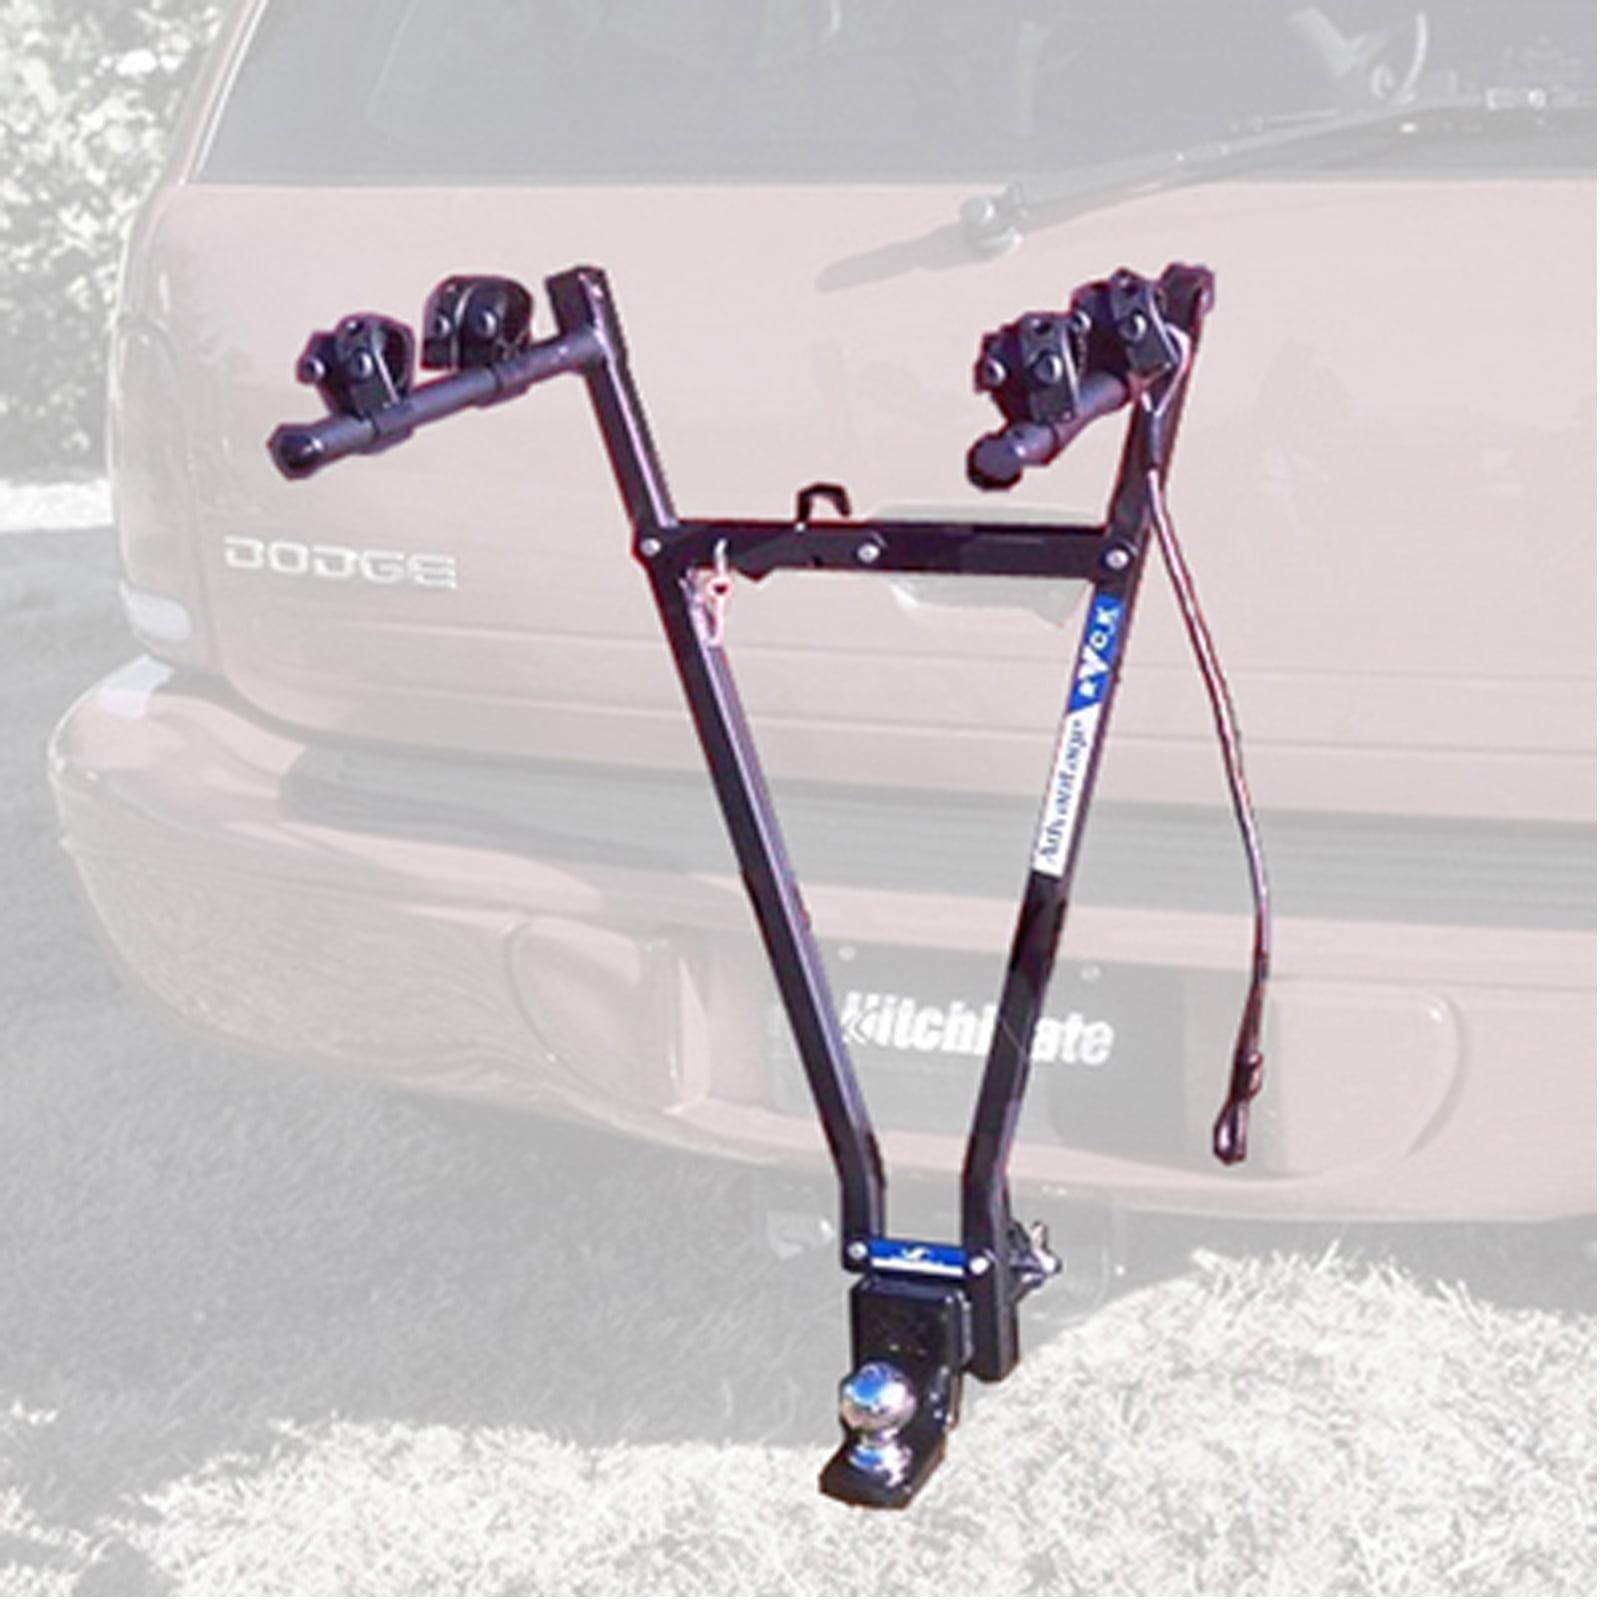 Heininger SportsRack V-Rack 2 Bike Carrier by HEININGER